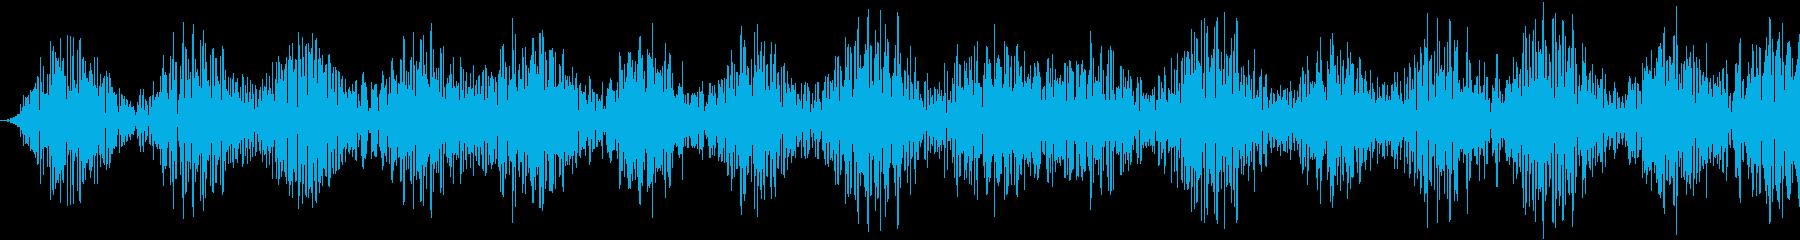 コンピューターデータまたはテレメト...の再生済みの波形